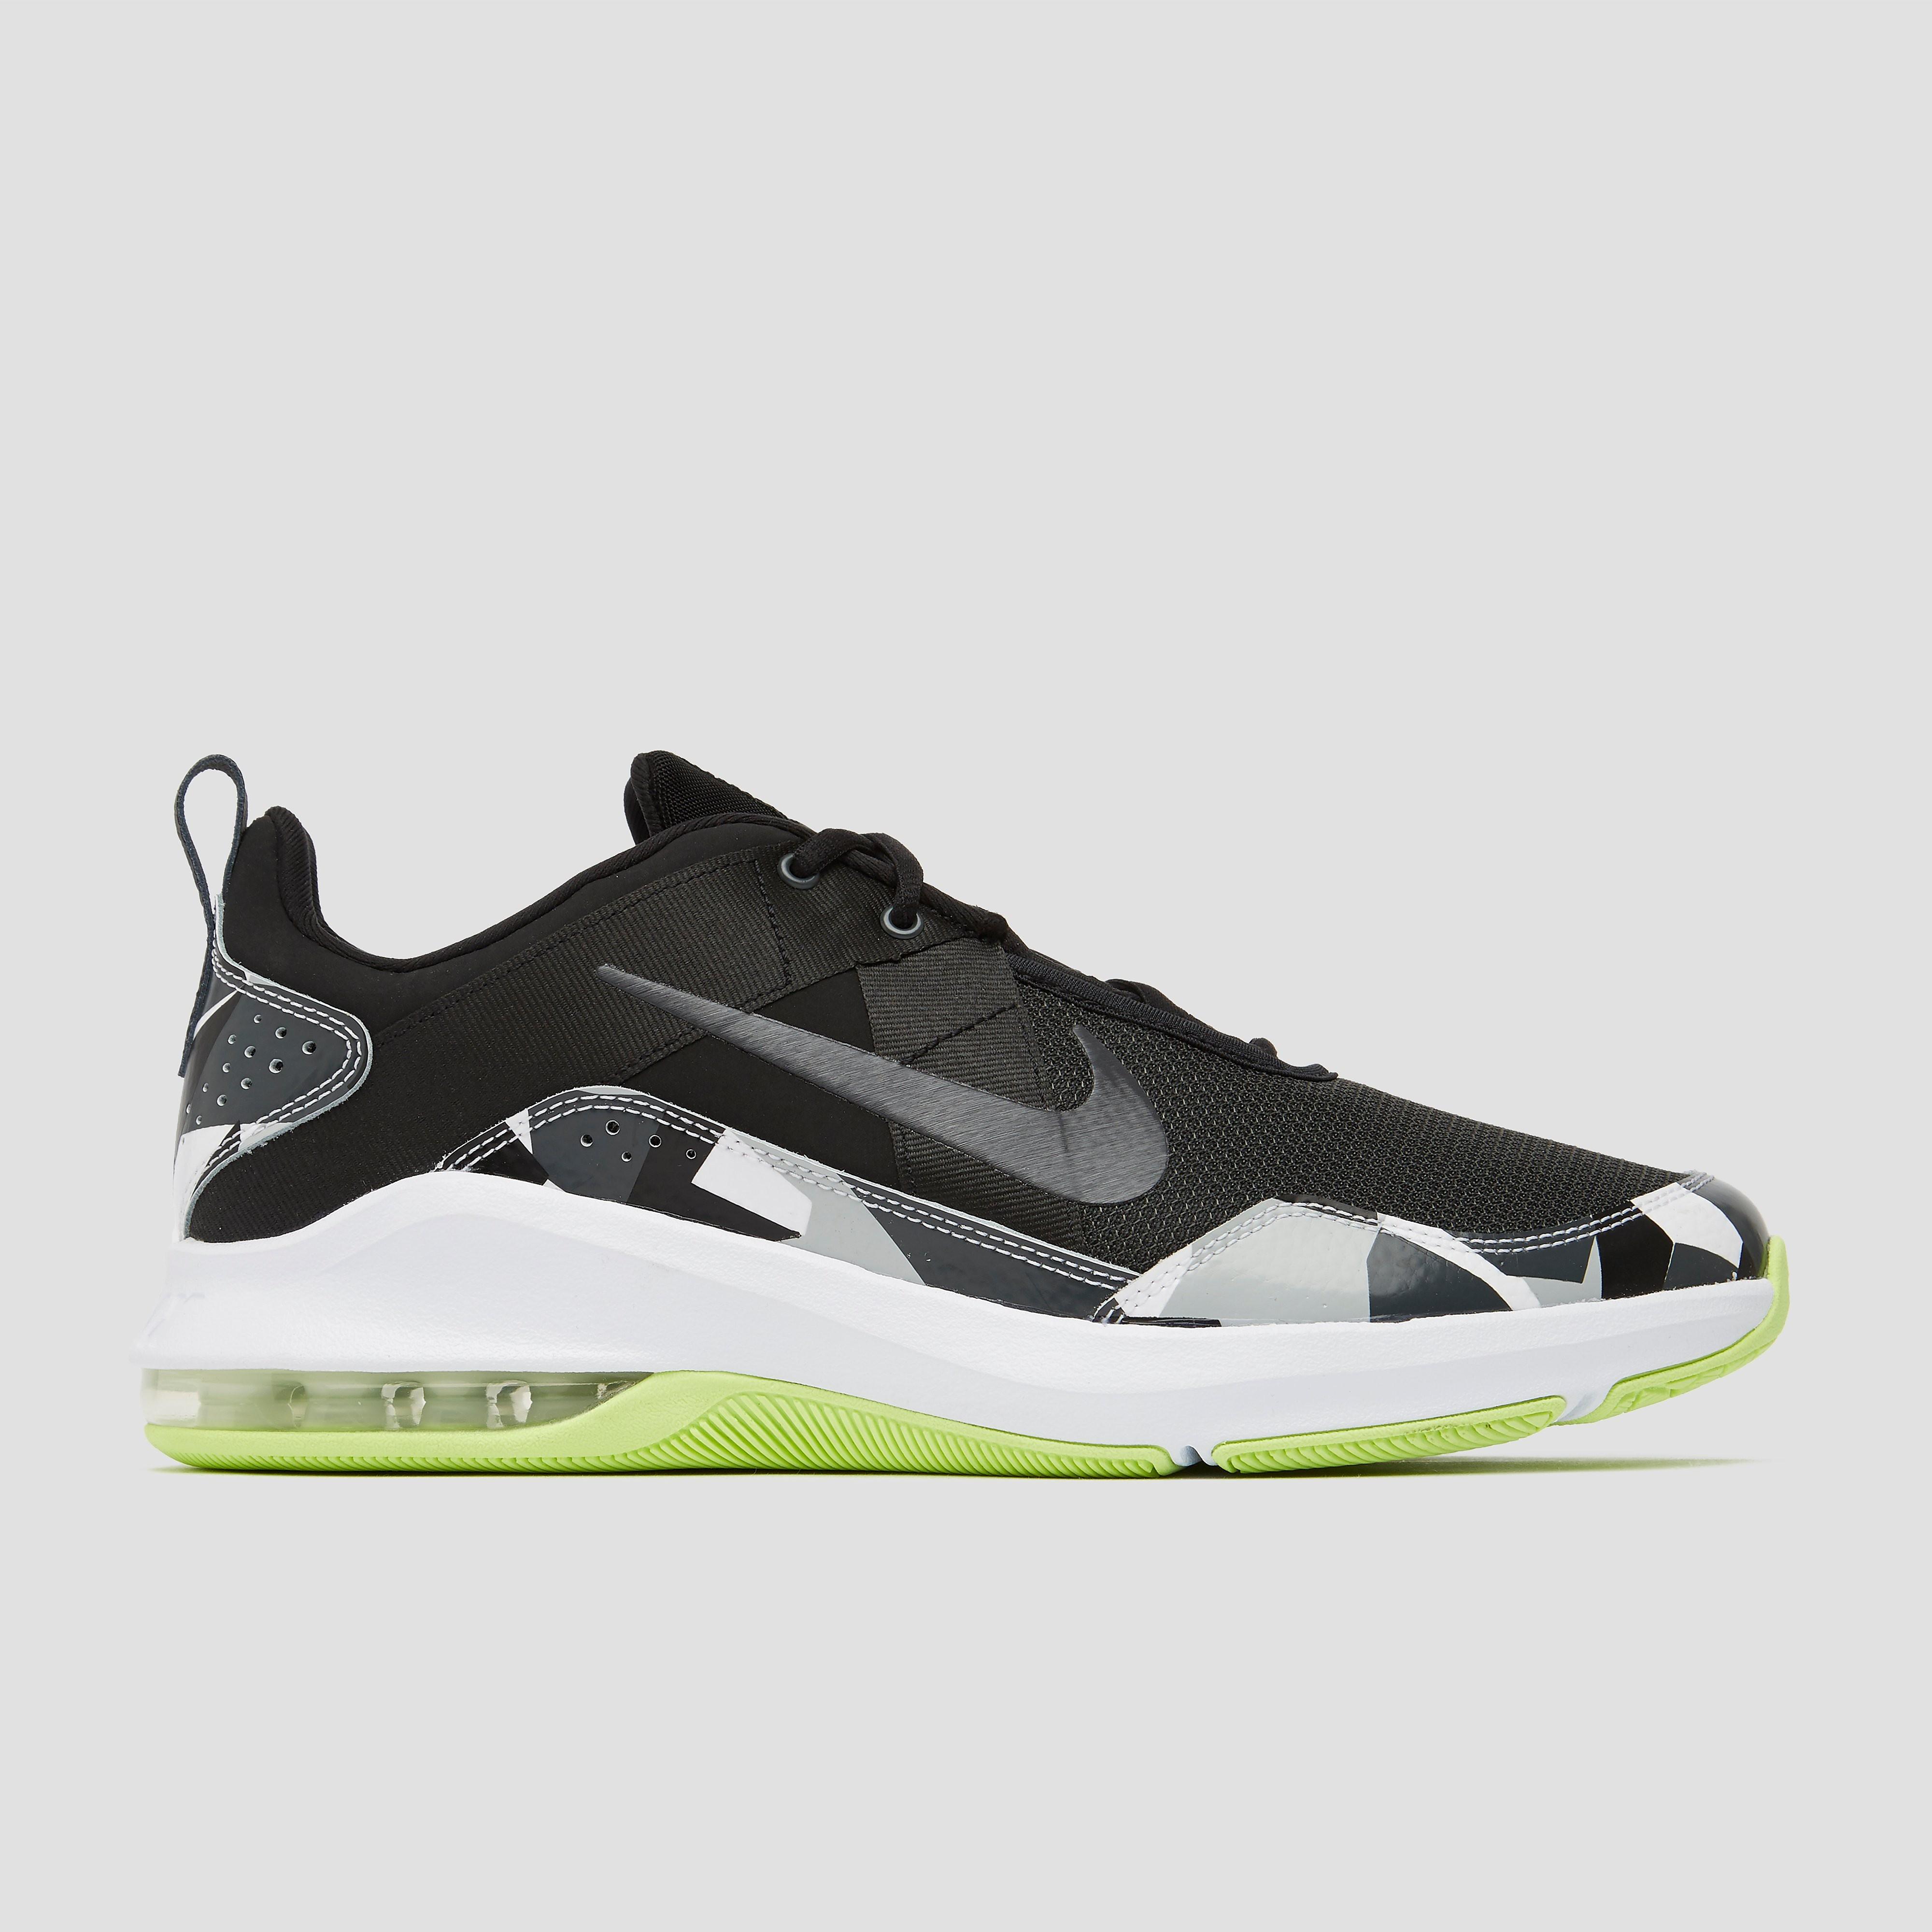 NIKE Air max alpha sportschoenen zwart/groen heren Heren